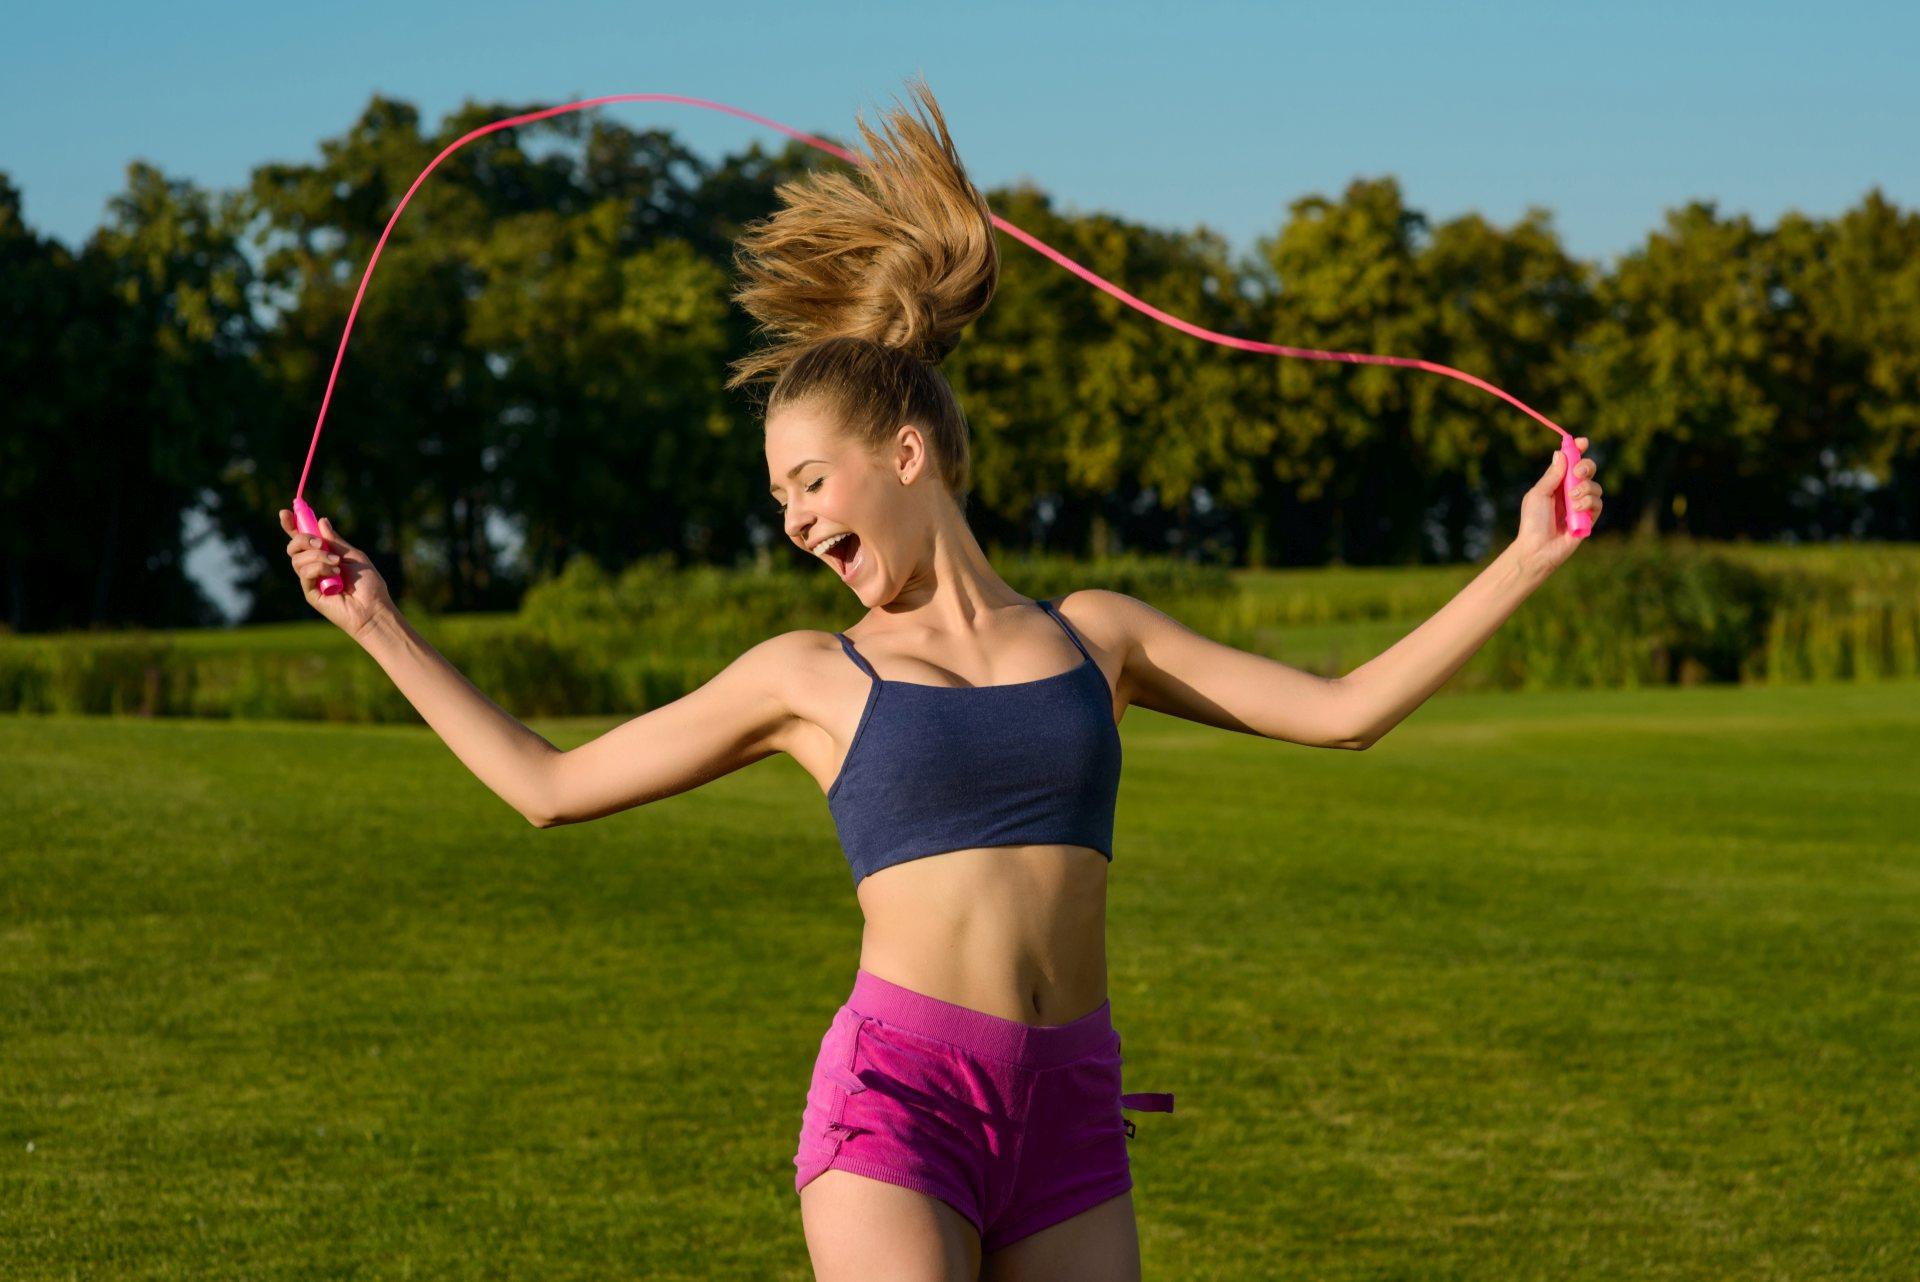 Ile muszę skakać na skakance, żeby schudnąć? - Forum Żywienie i Fitness Mangosteen - Forum